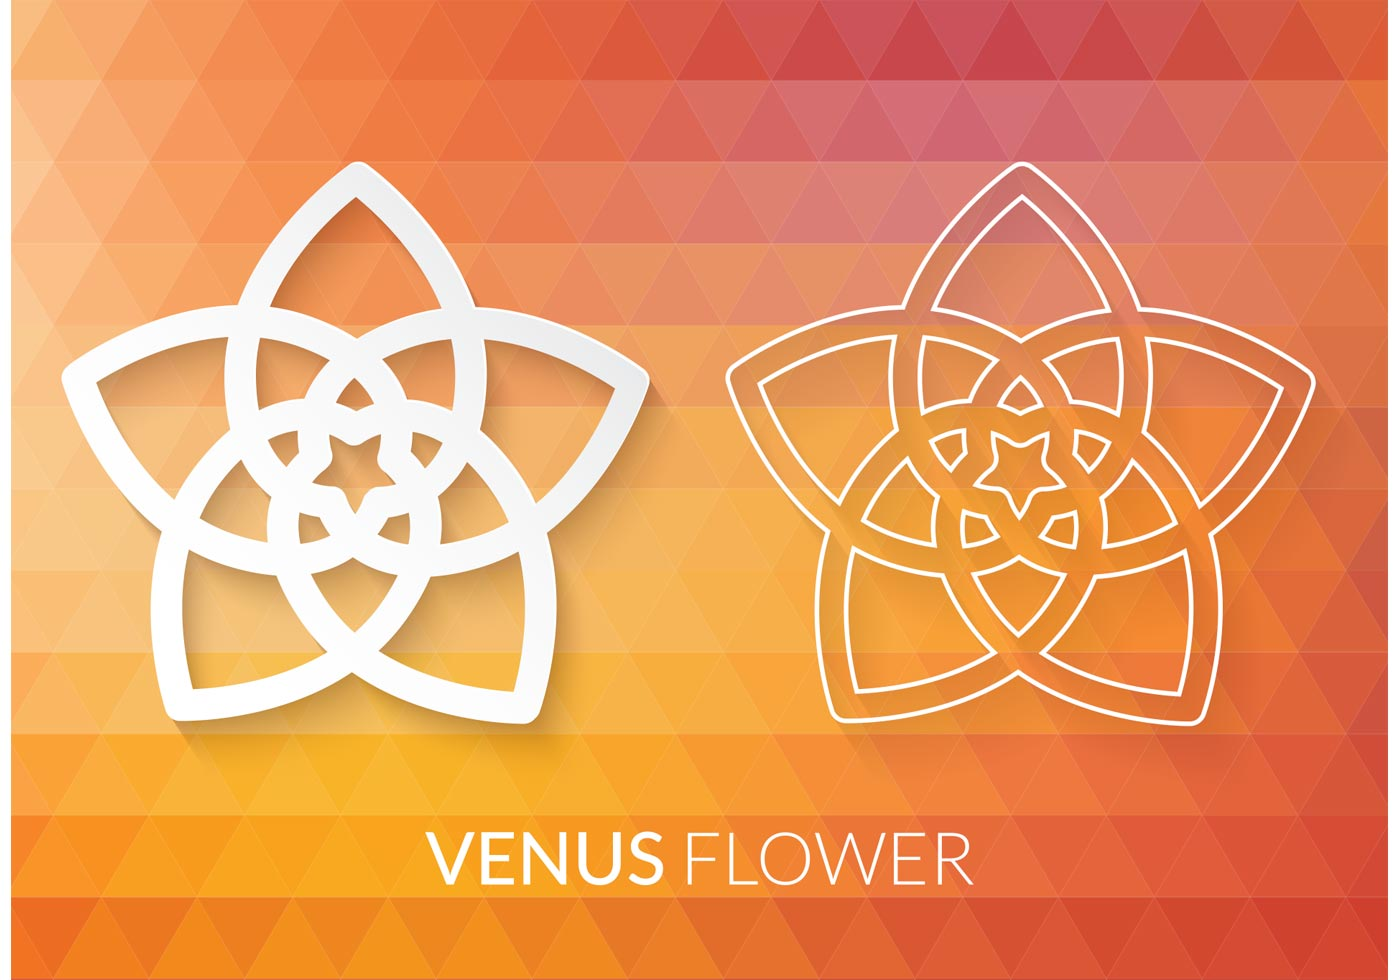 free vector venus flower pentagram download free vector